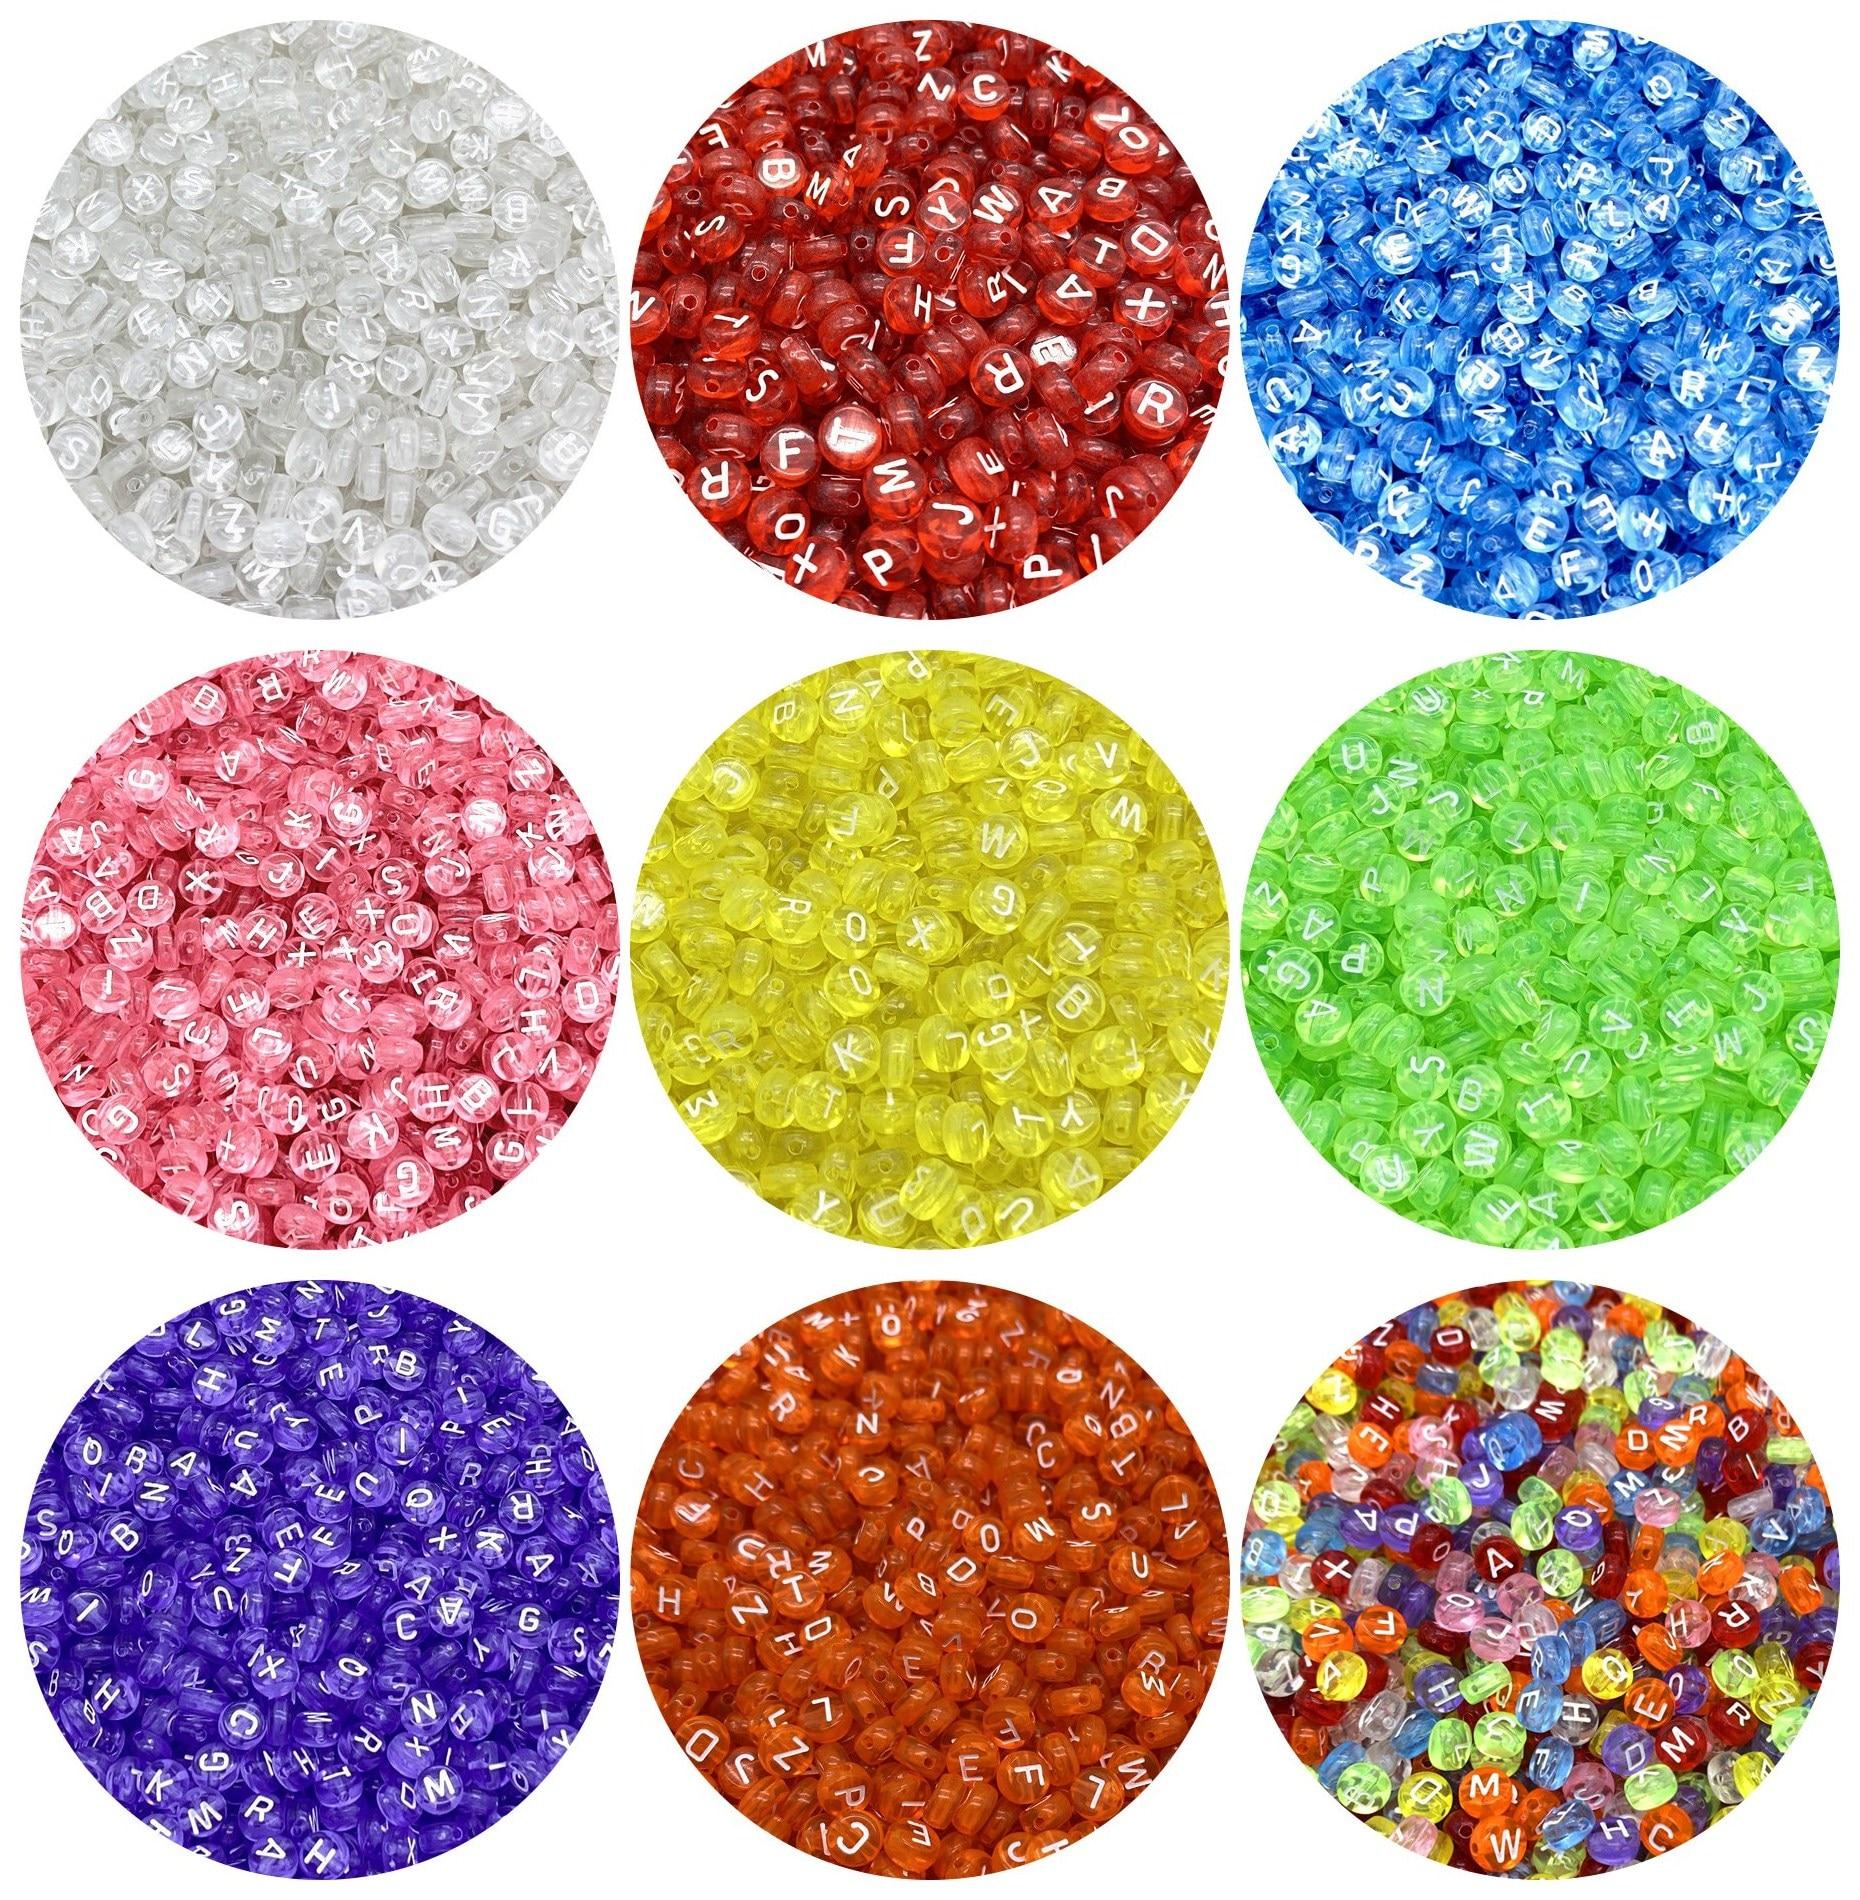 Perles de forme ovale colorées, mélange de perles de forme ovale, 26 breloques de l'alphabet, pour fabrication de bracelets et de colliers, bricolage, 100 pièces 7x4mm